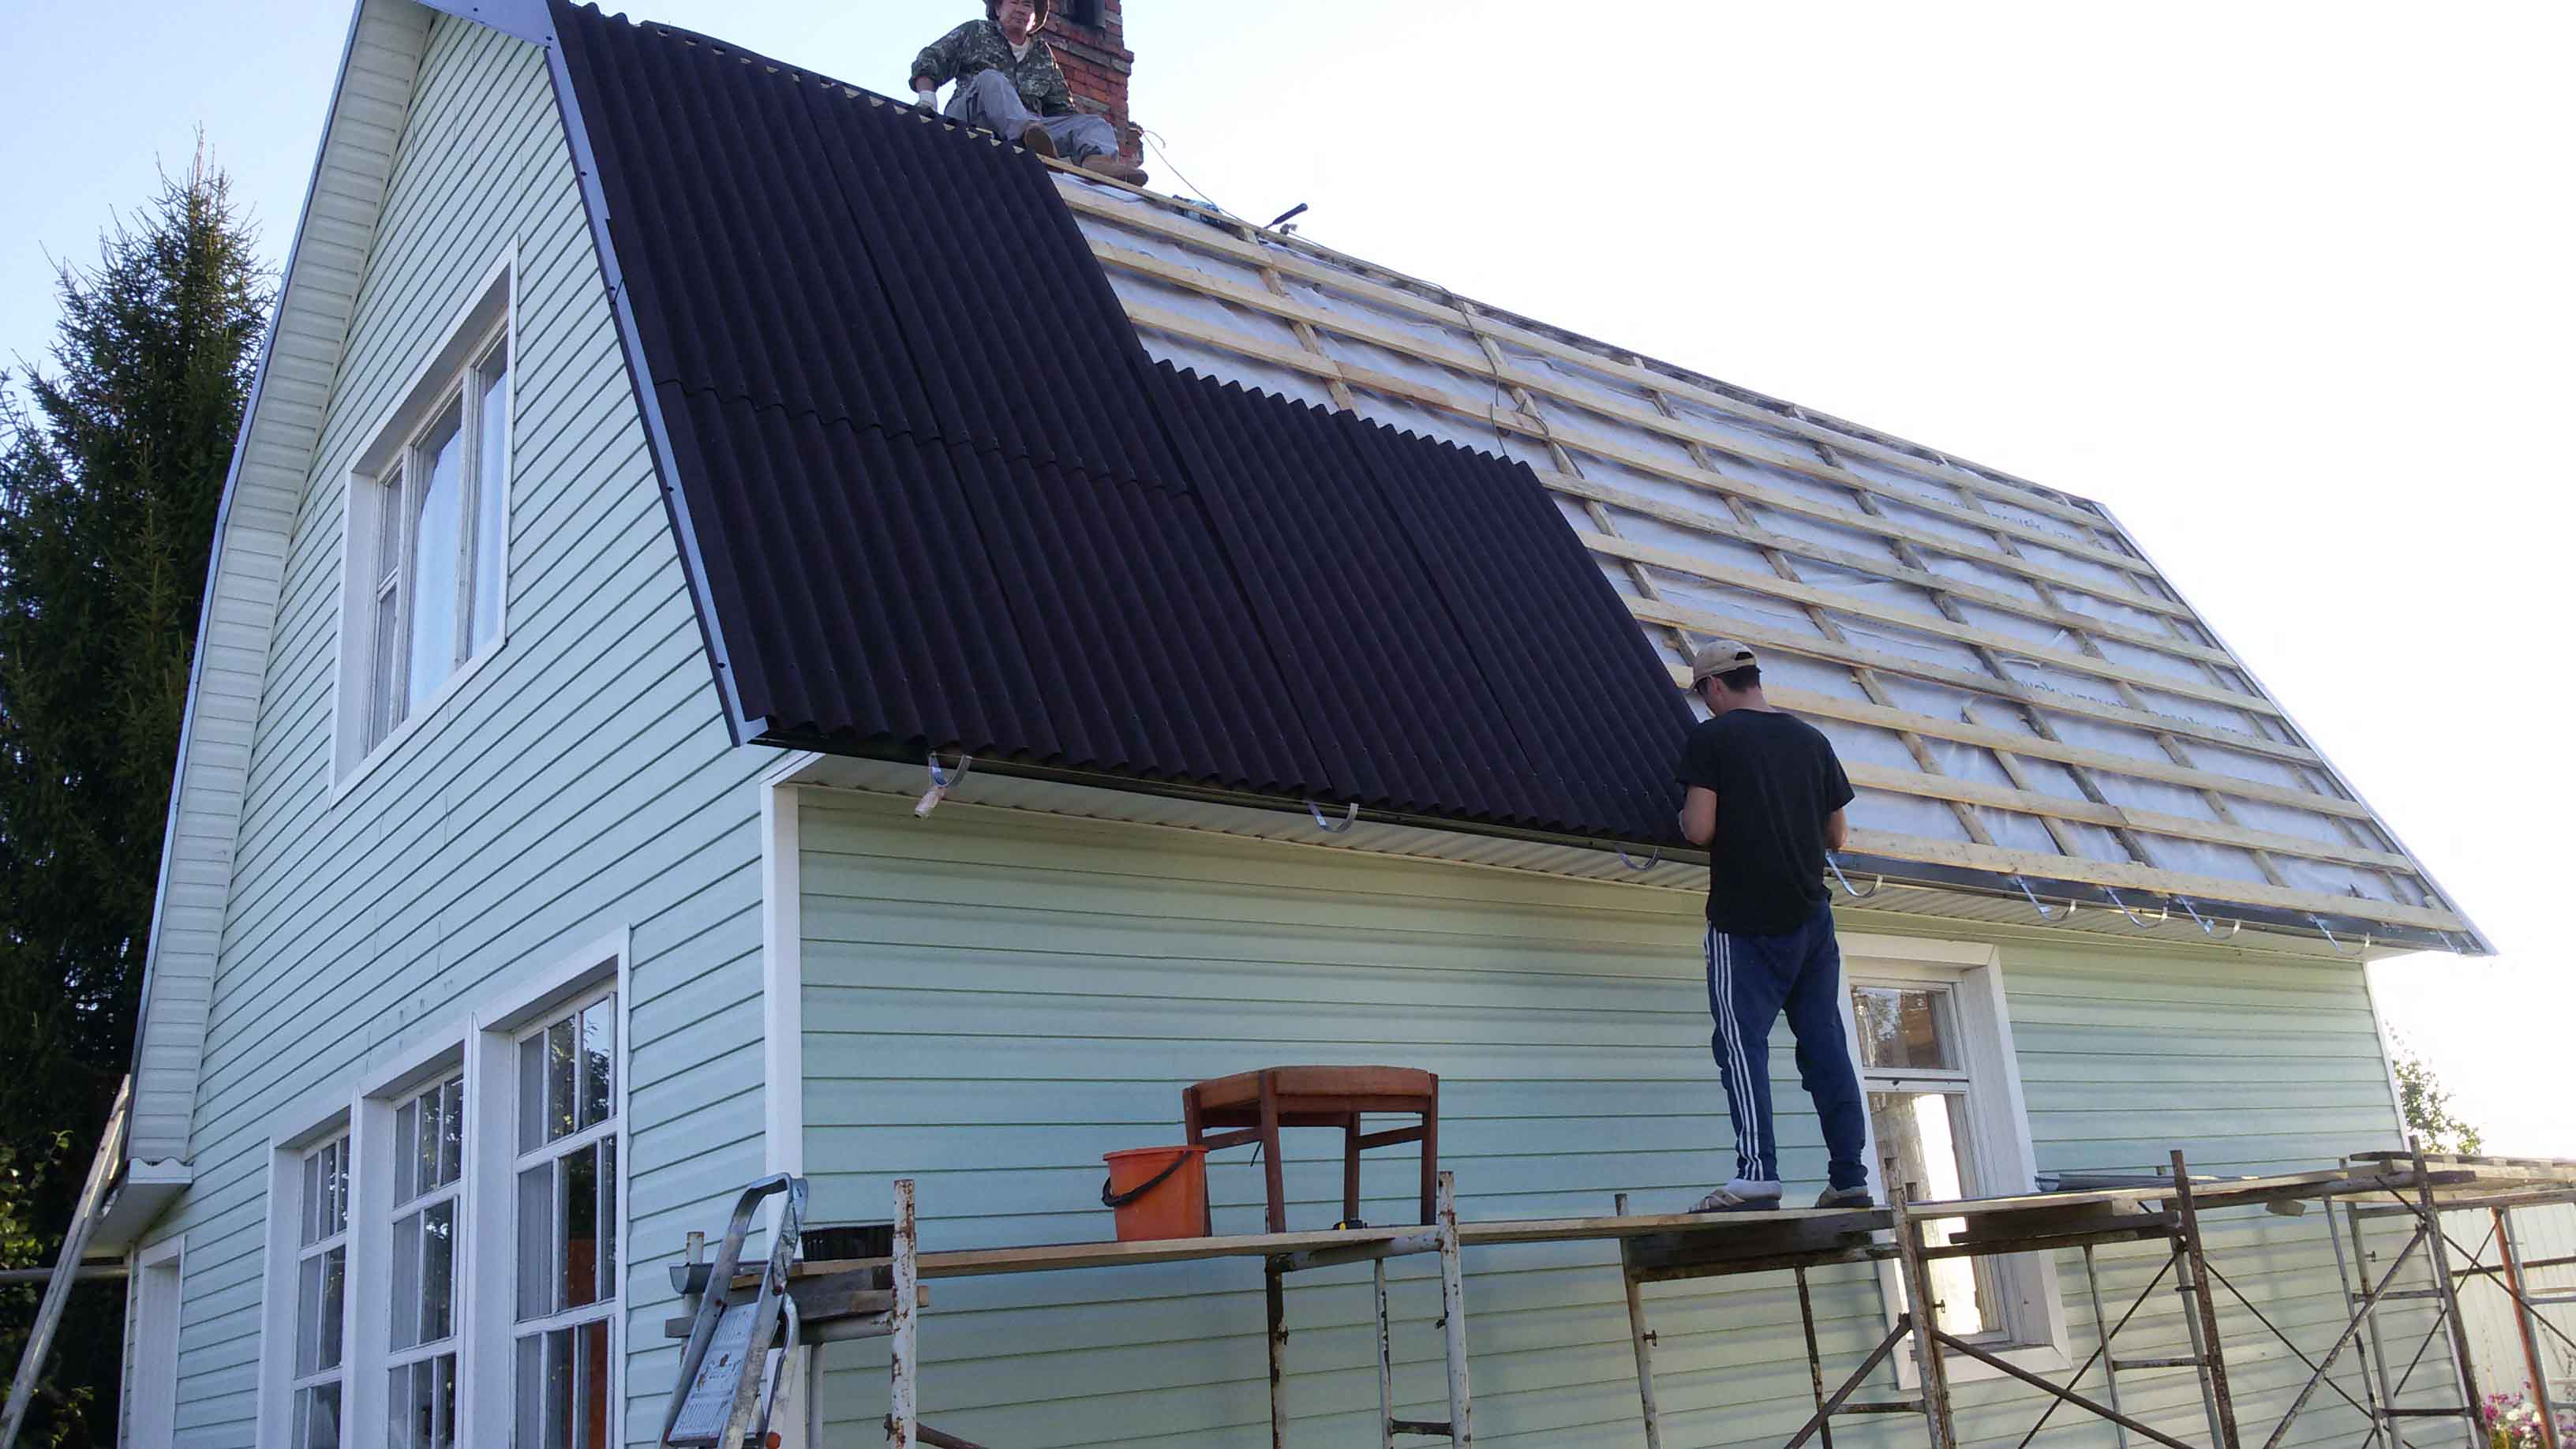 ремонт крыши кровли самостоятельно техника безопасности